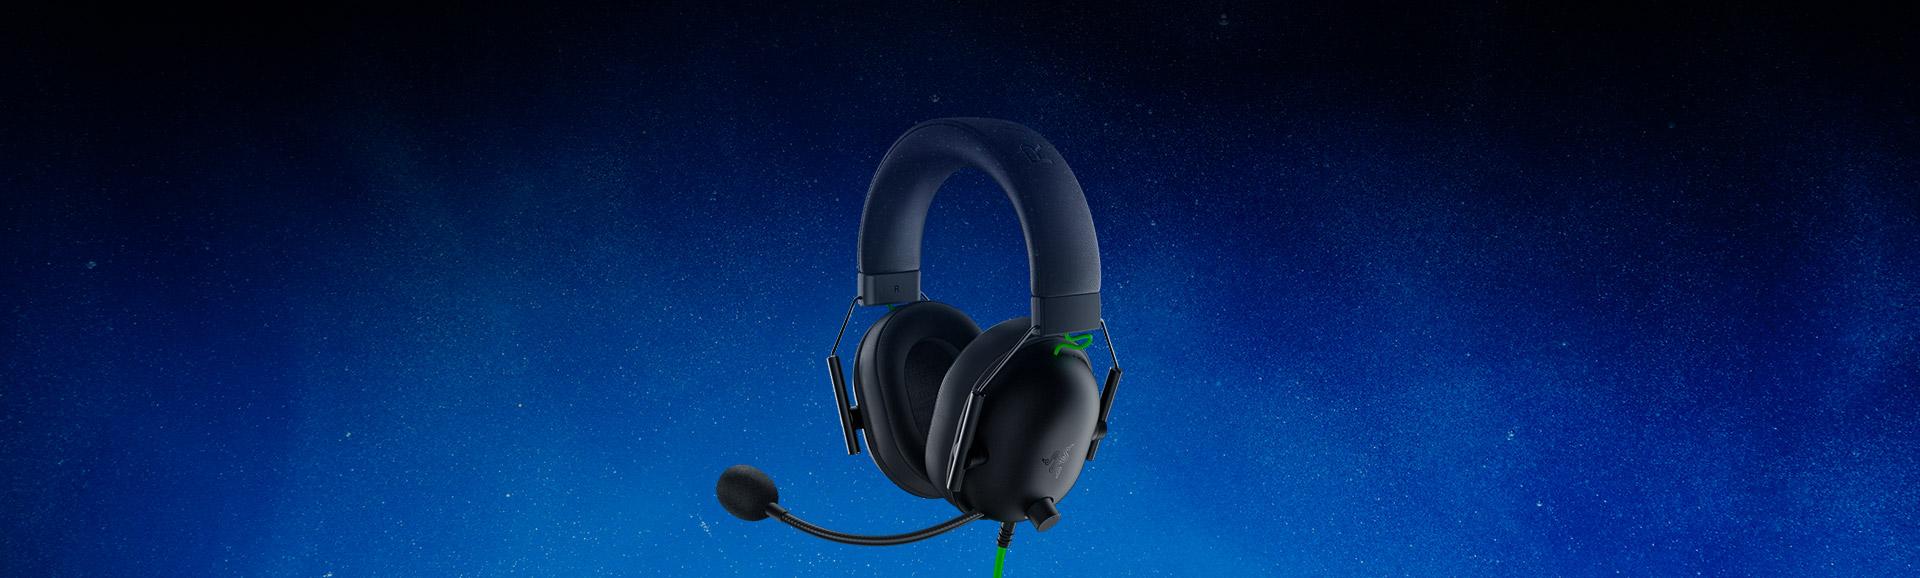 Tai nghe Razer BlackShark V2 X - Wired Gaming Headset - RZ04-03240100-R3M1 có trọng lượng vô cùng nhẹ và thoải mái